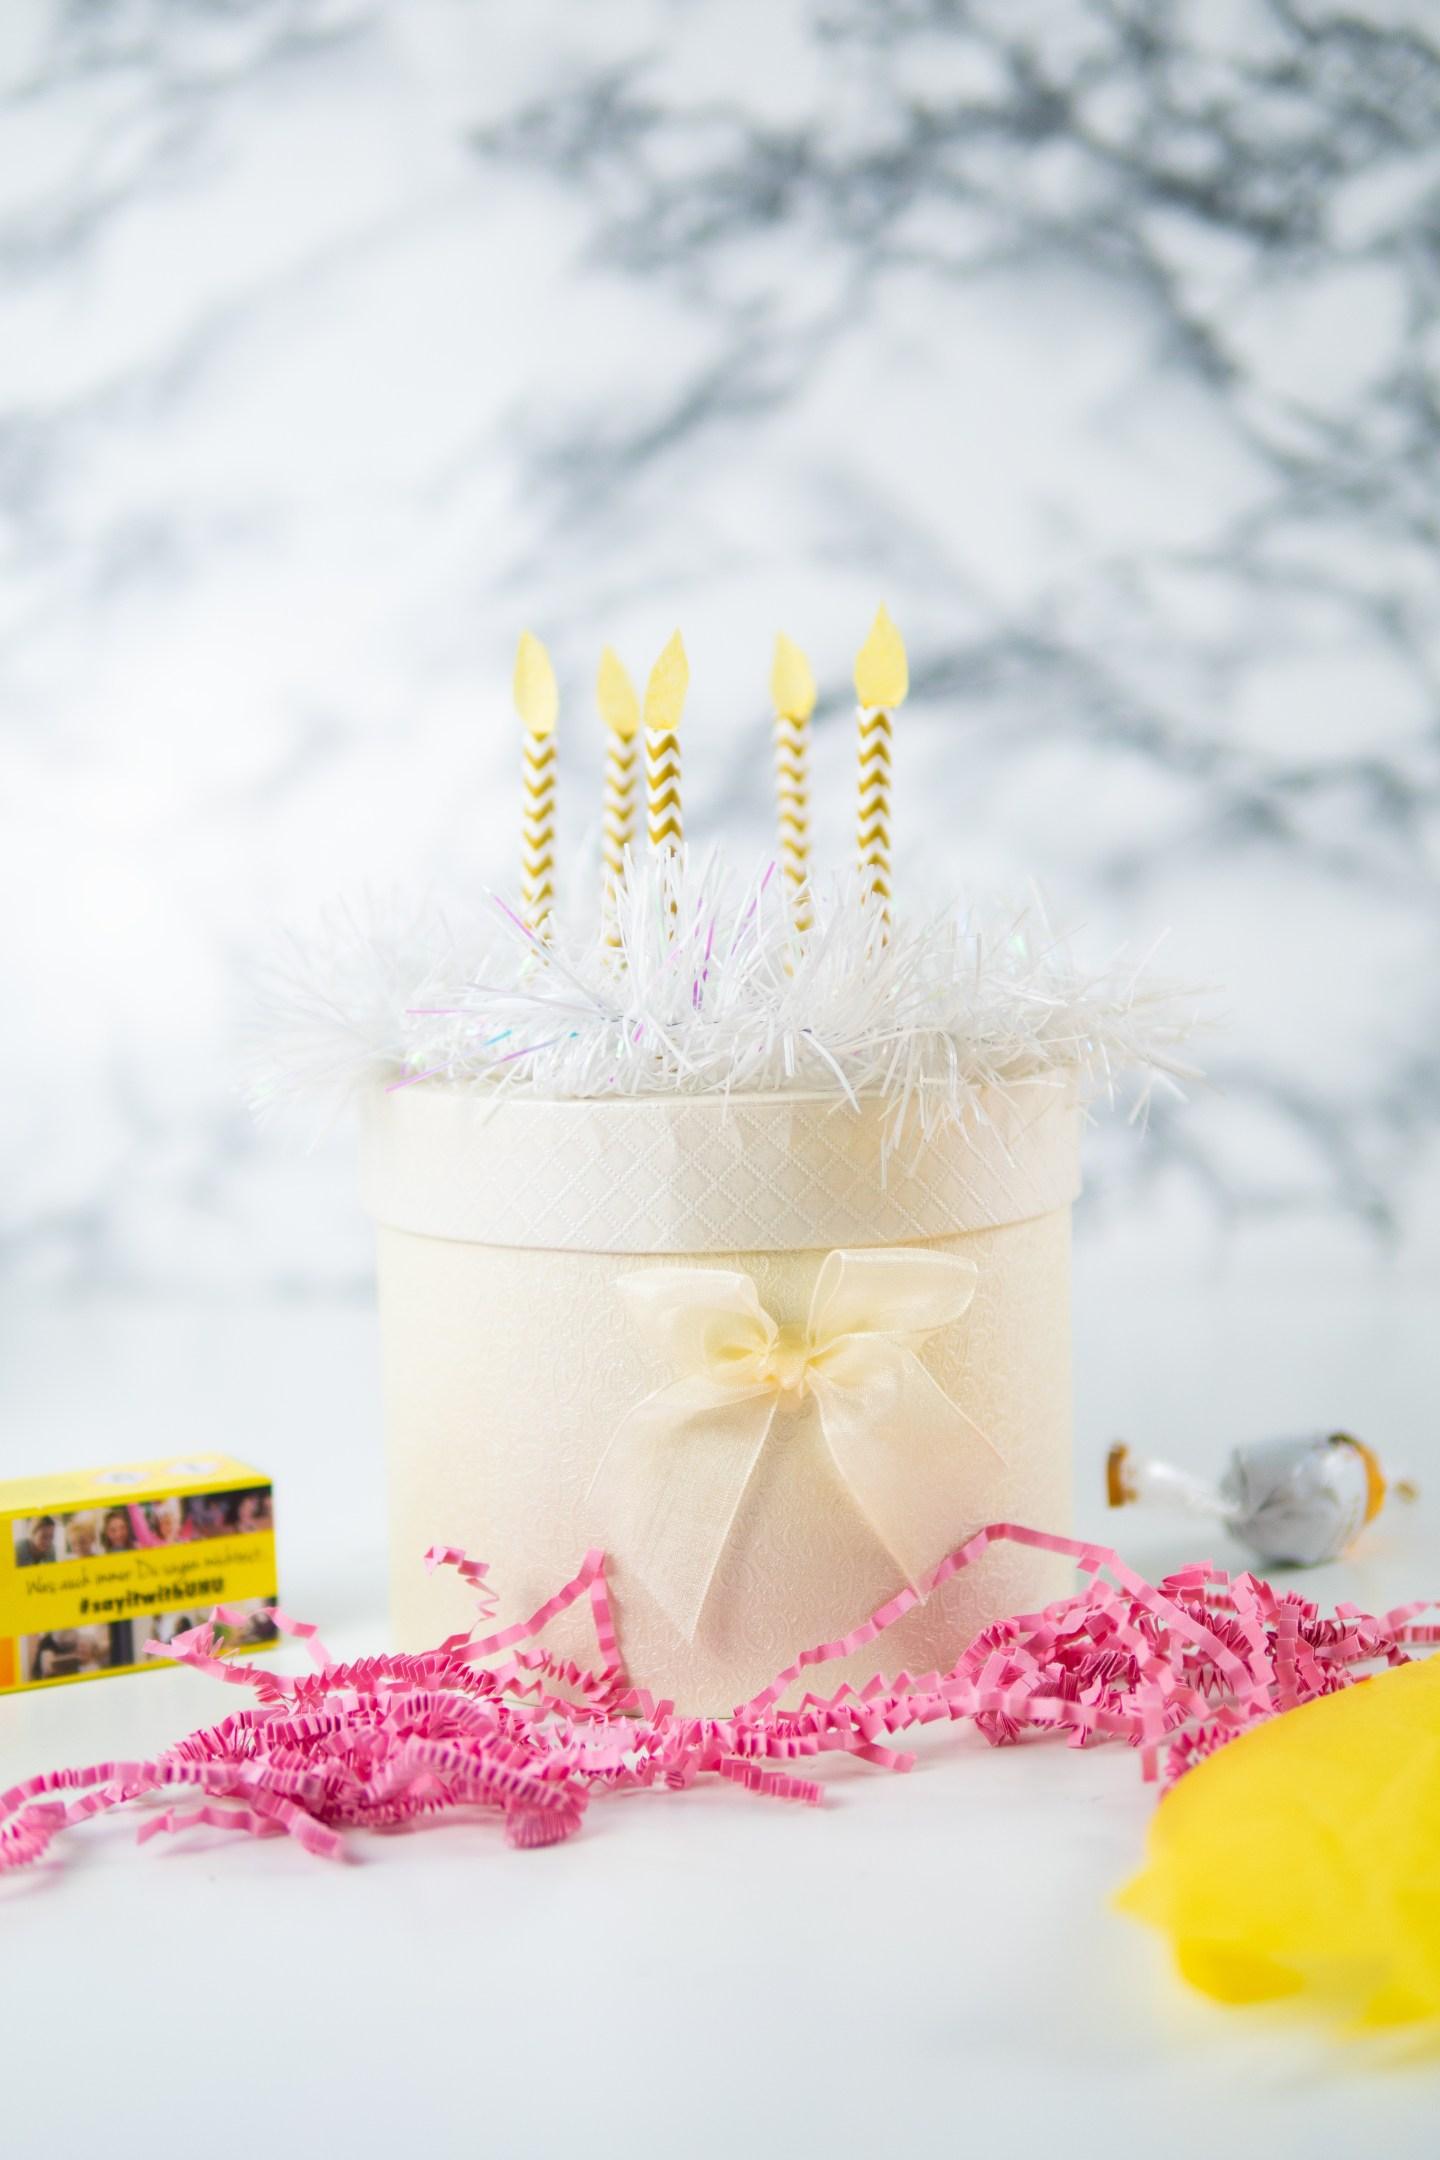 diy Geschenk Foto Geschenk für den besten Freund - Foto machen Geburtstag Geschenk selbst #sayitwithuhu